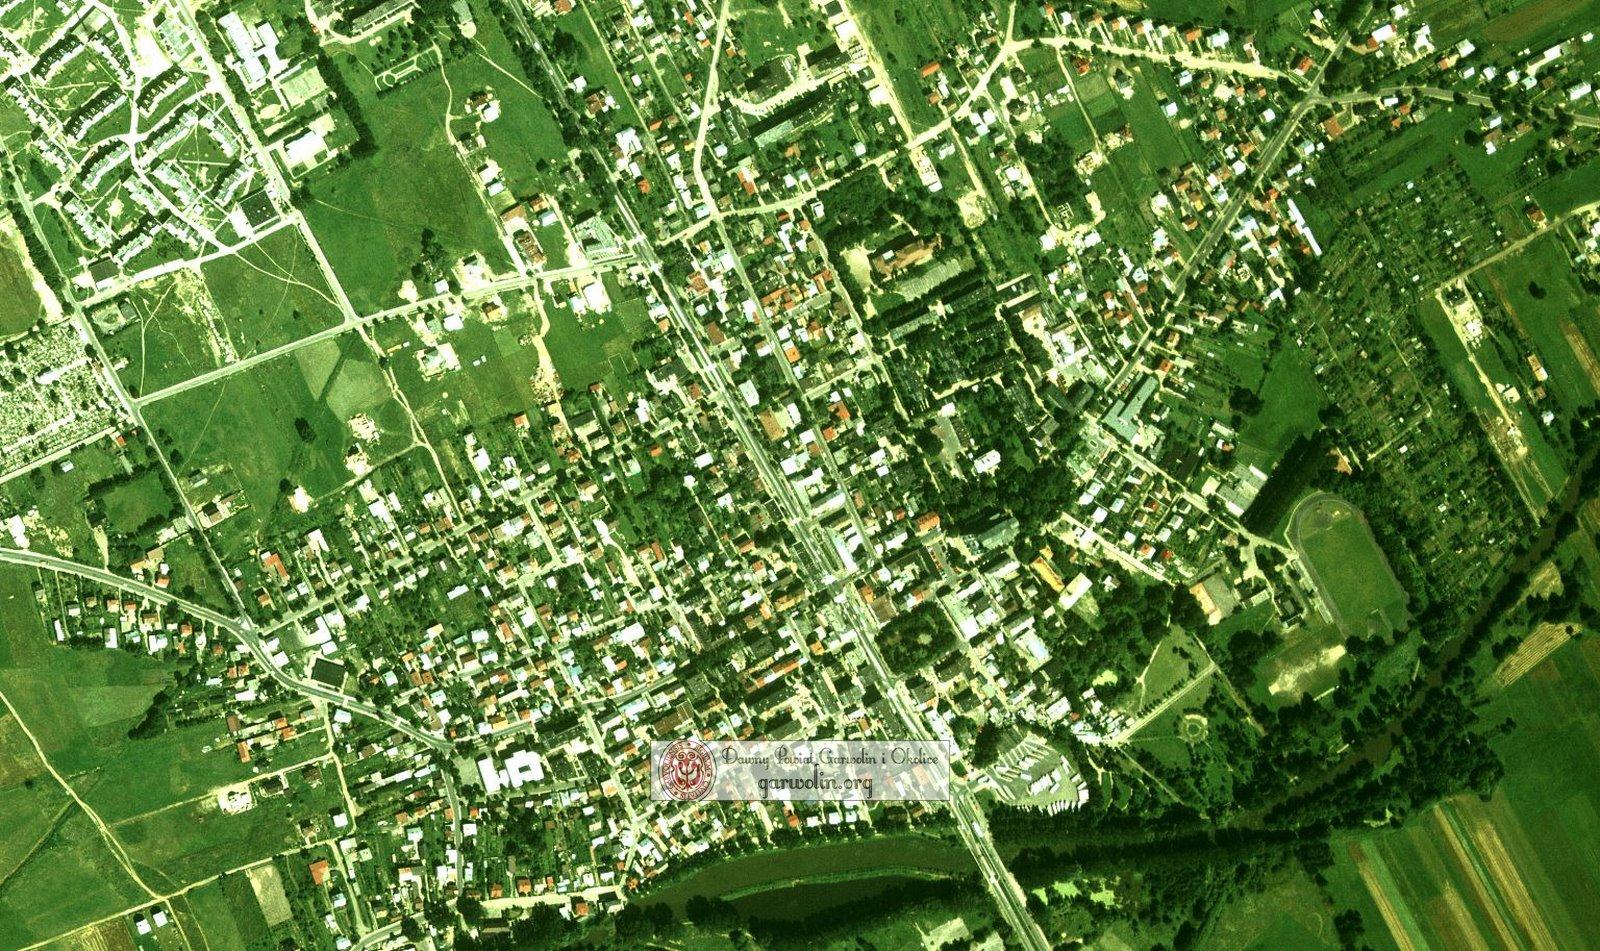 Garwolin i okolice na zdjęciu lotniczym - ok. 1997r.